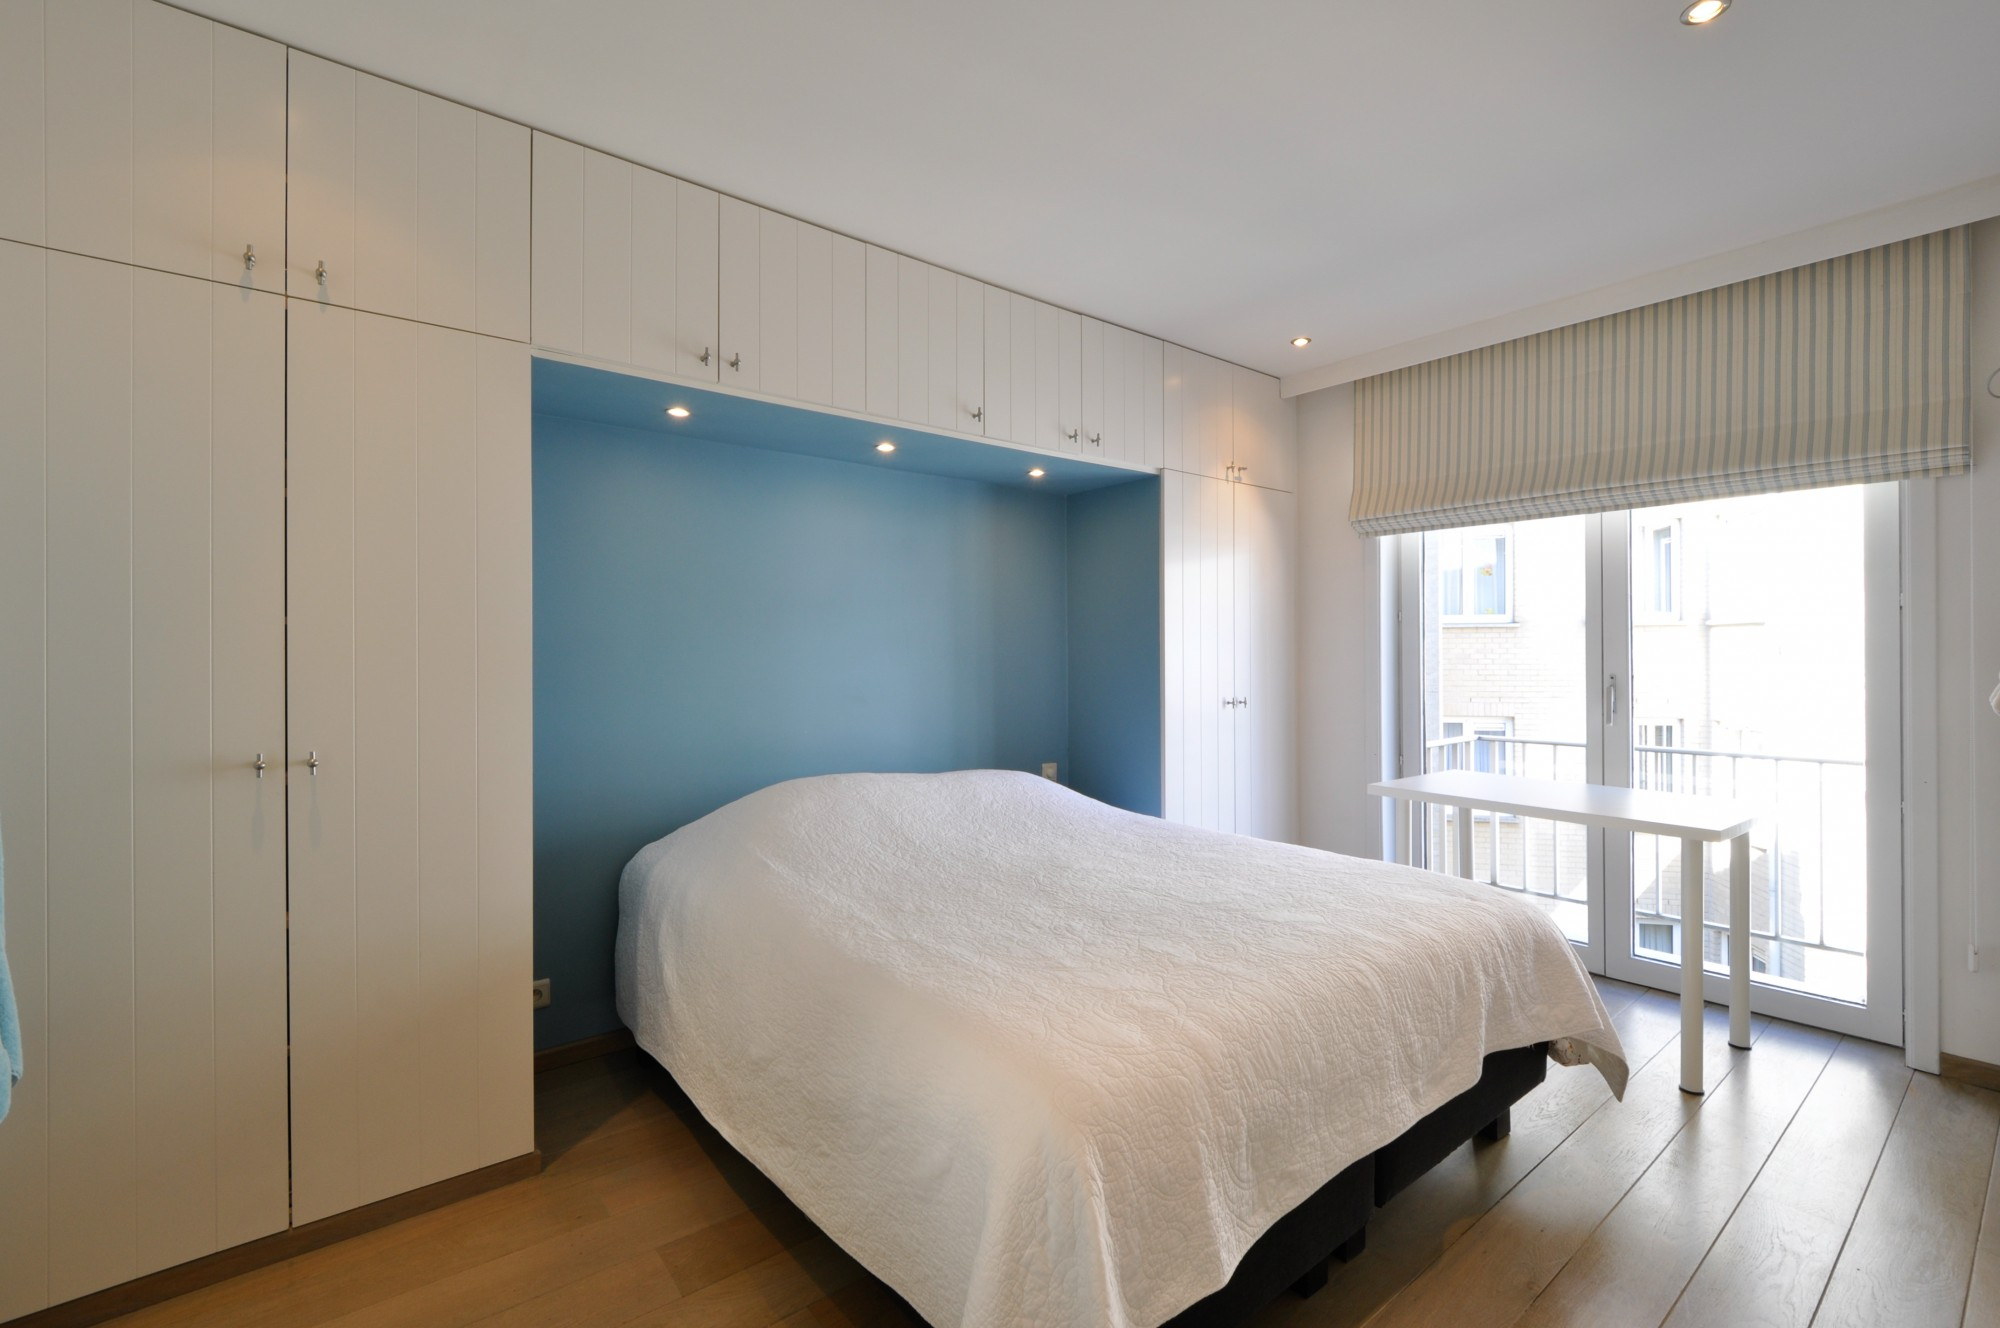 Location Appartement 3 CH Knokke-Zoute - meublé Kustlaan / près de la Place du Triangle